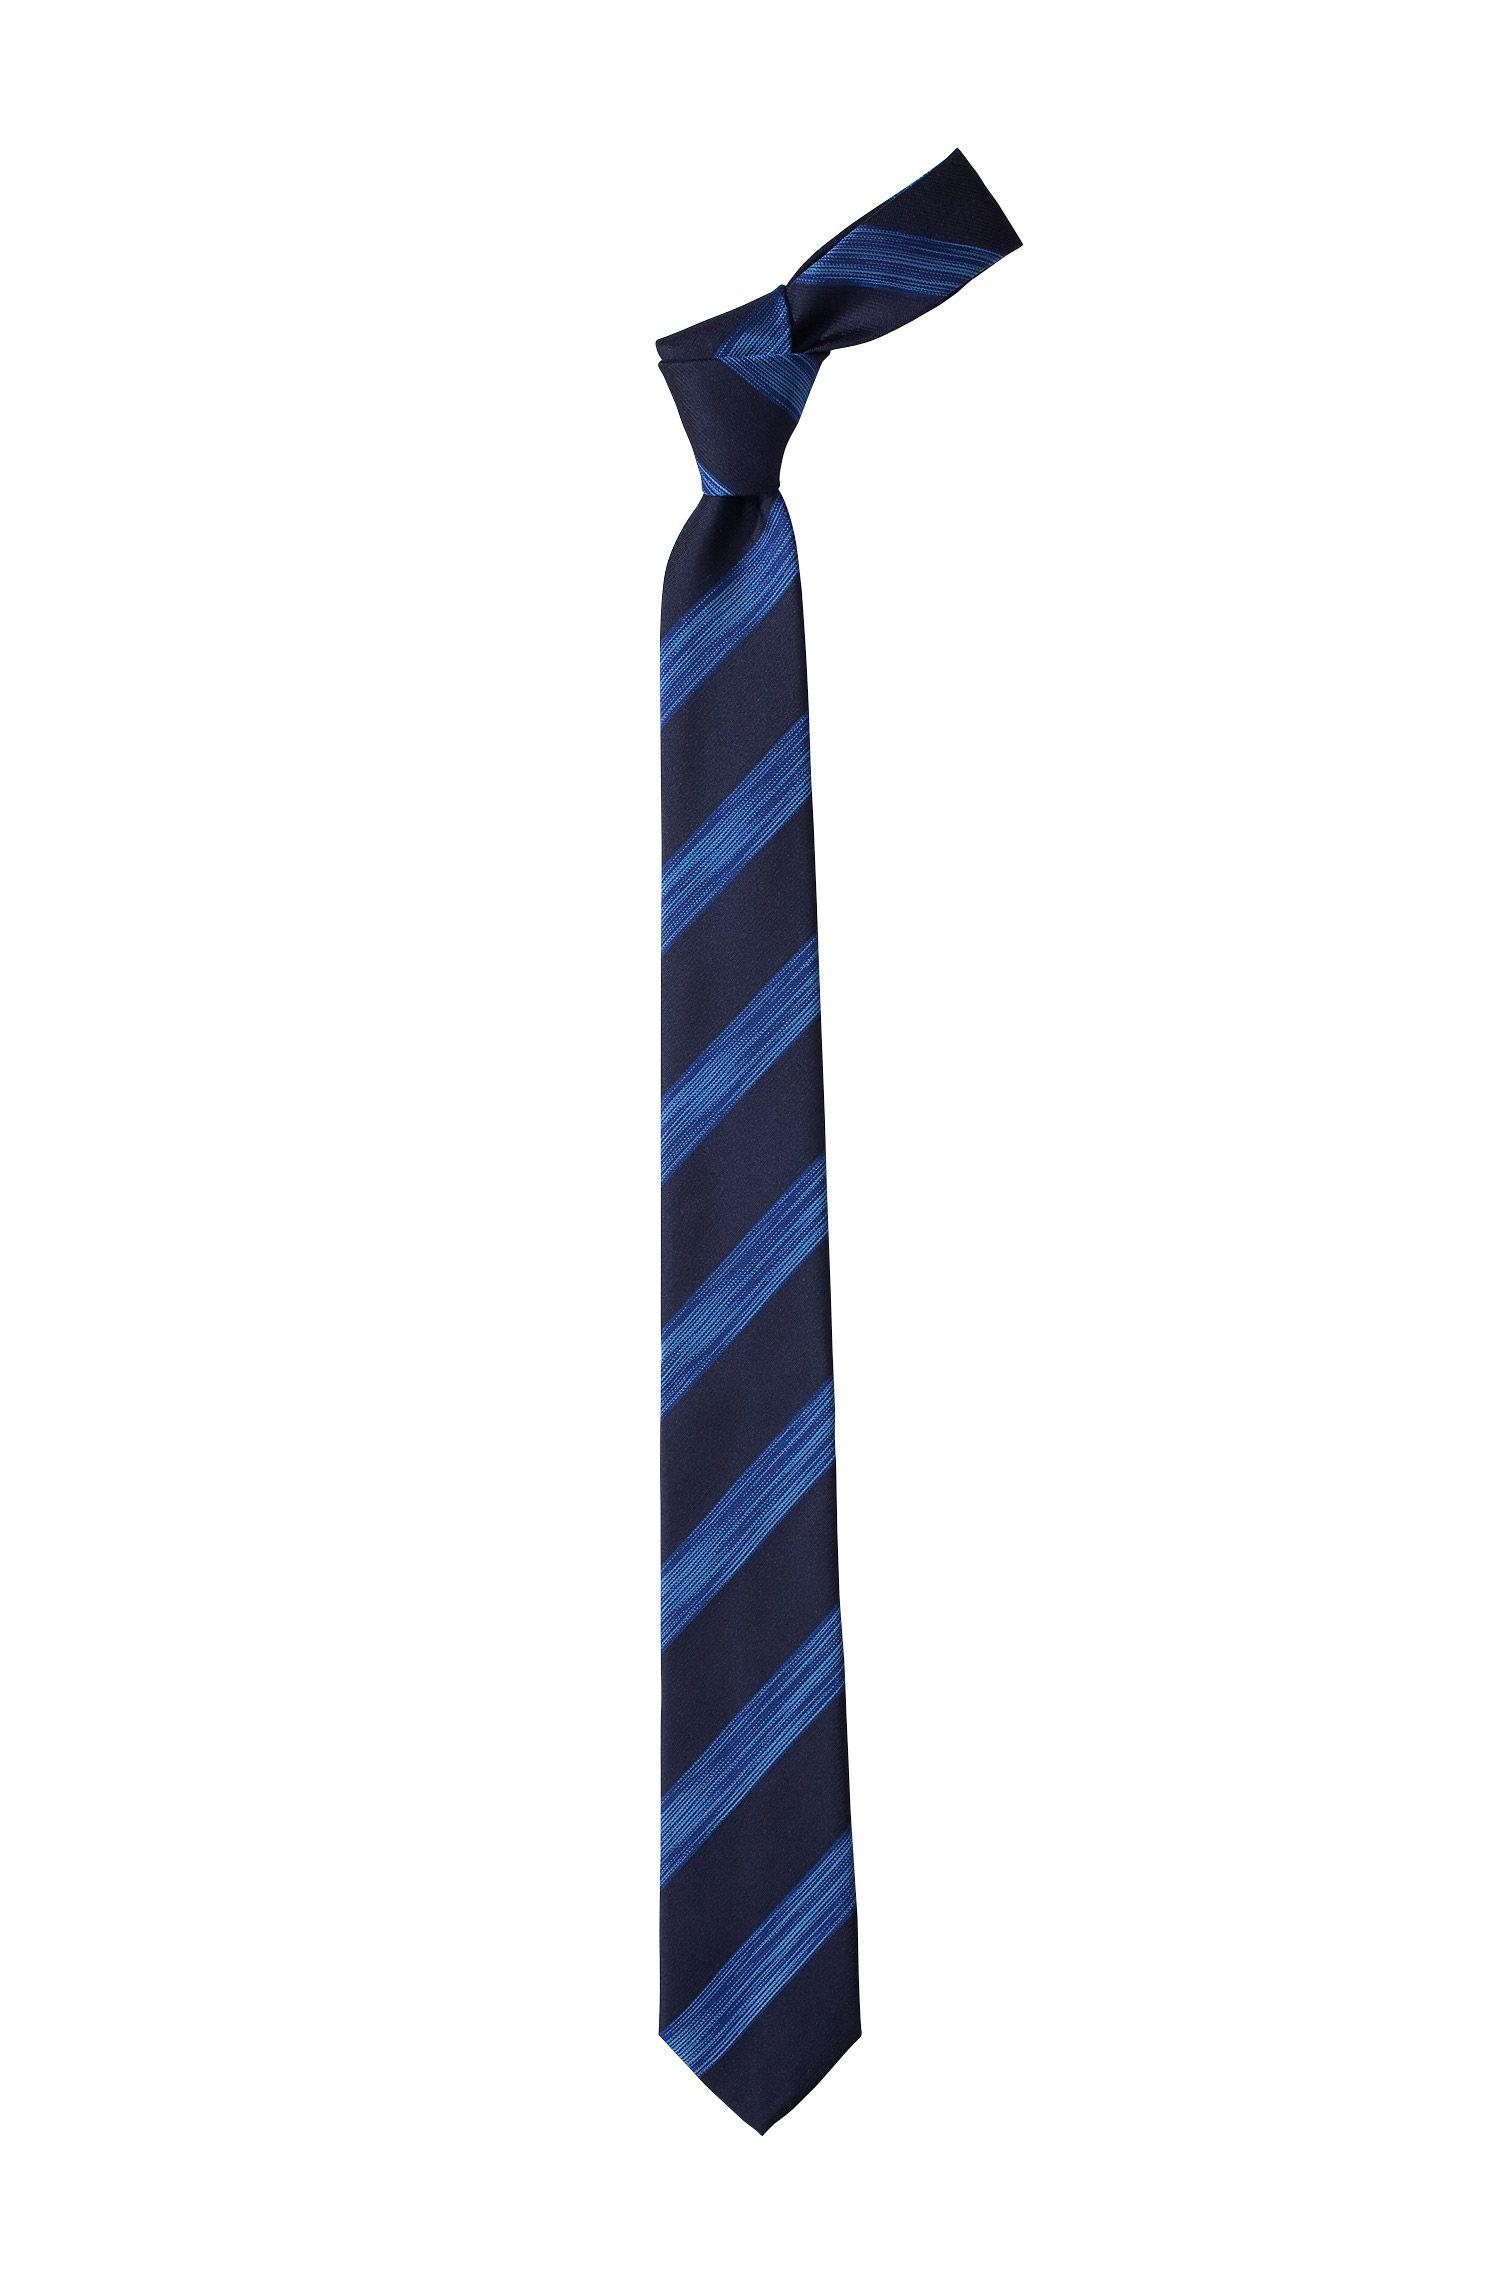 Krawatte ´Tie 6 cm` im Streifen-Dessin